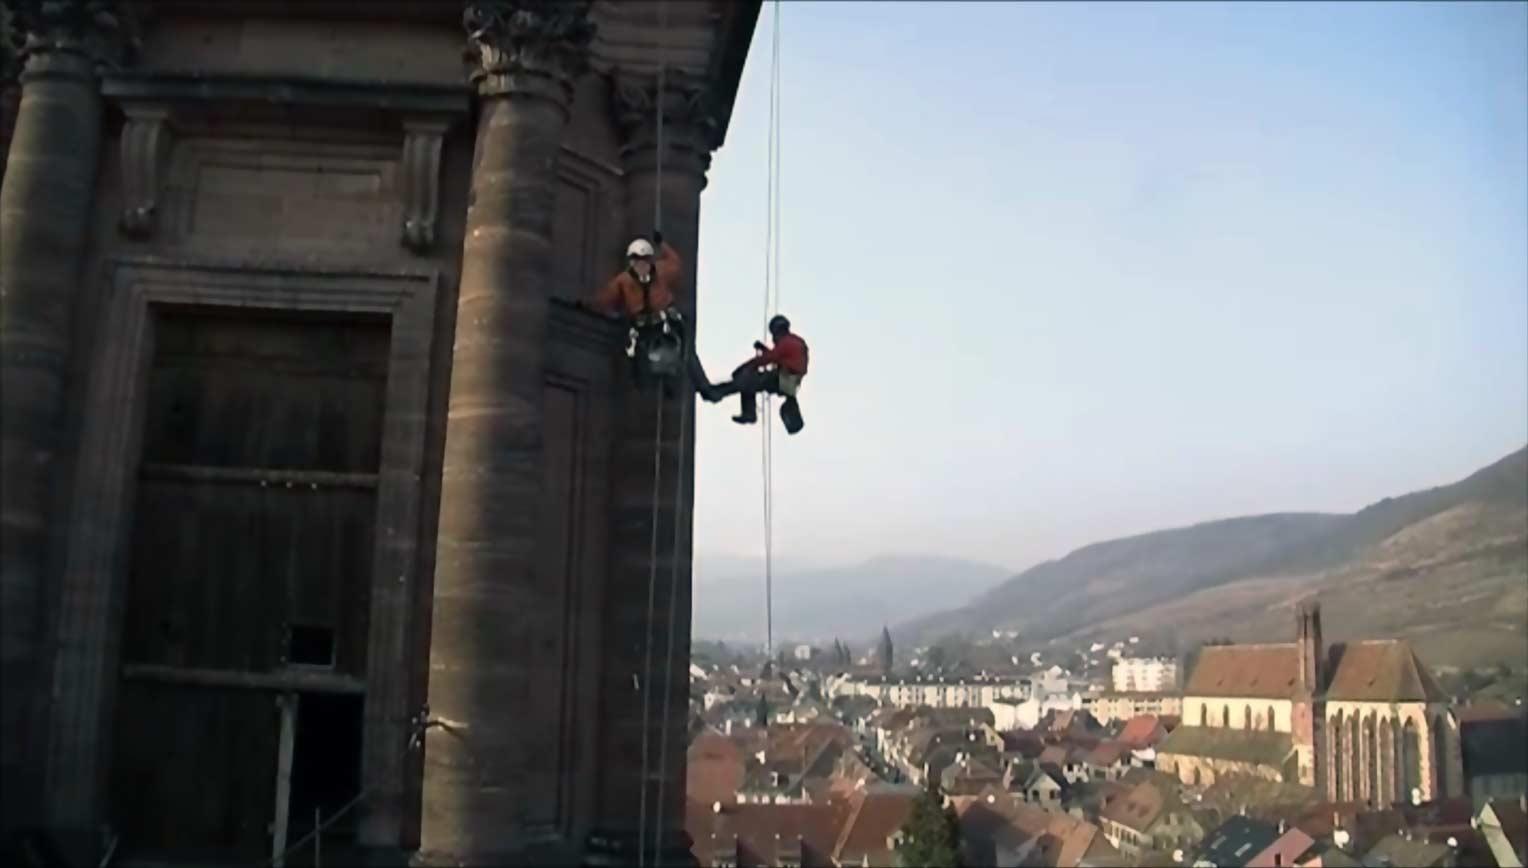 travaux acrobatiques près de Colmar, dans le Haut-Rhin